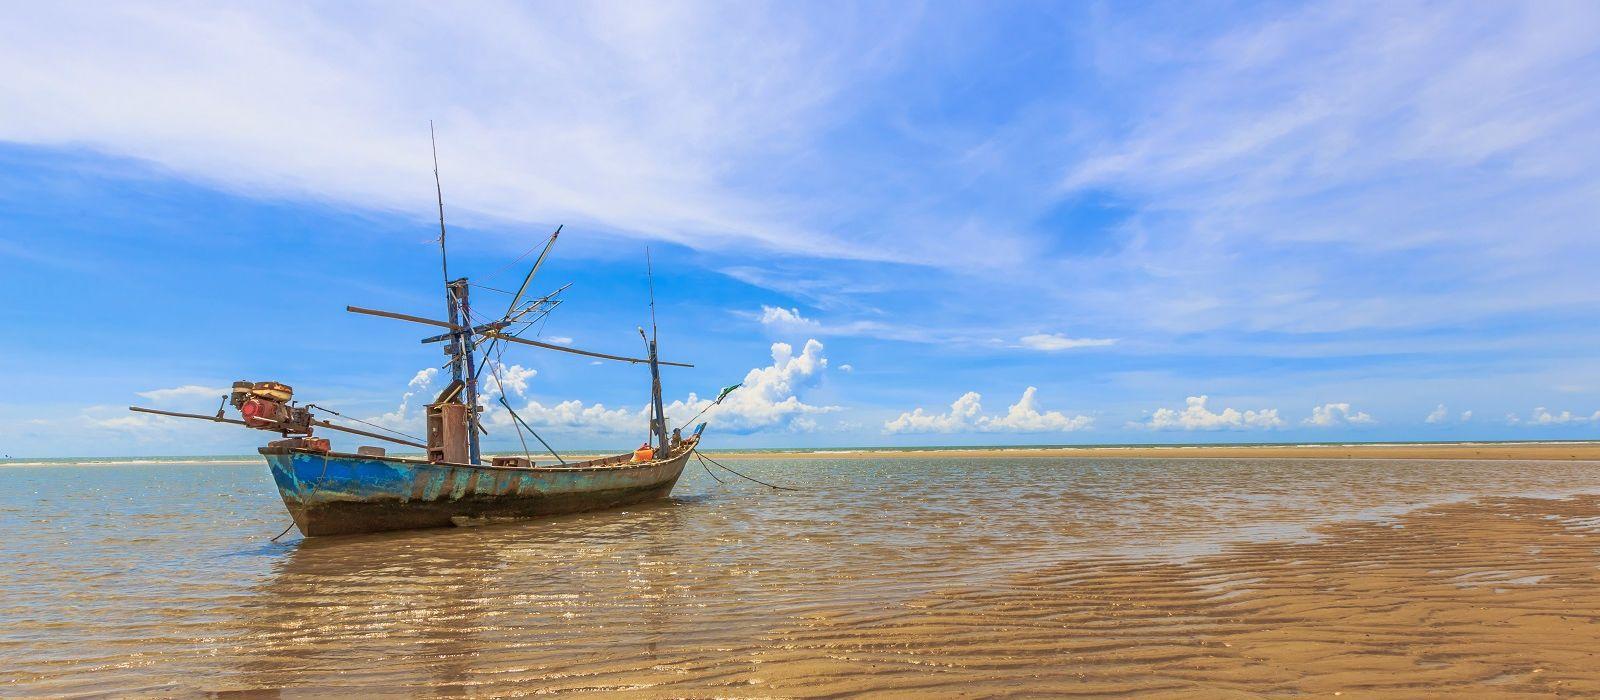 Thailand abseits ausgetretener Pfade Urlaub 2